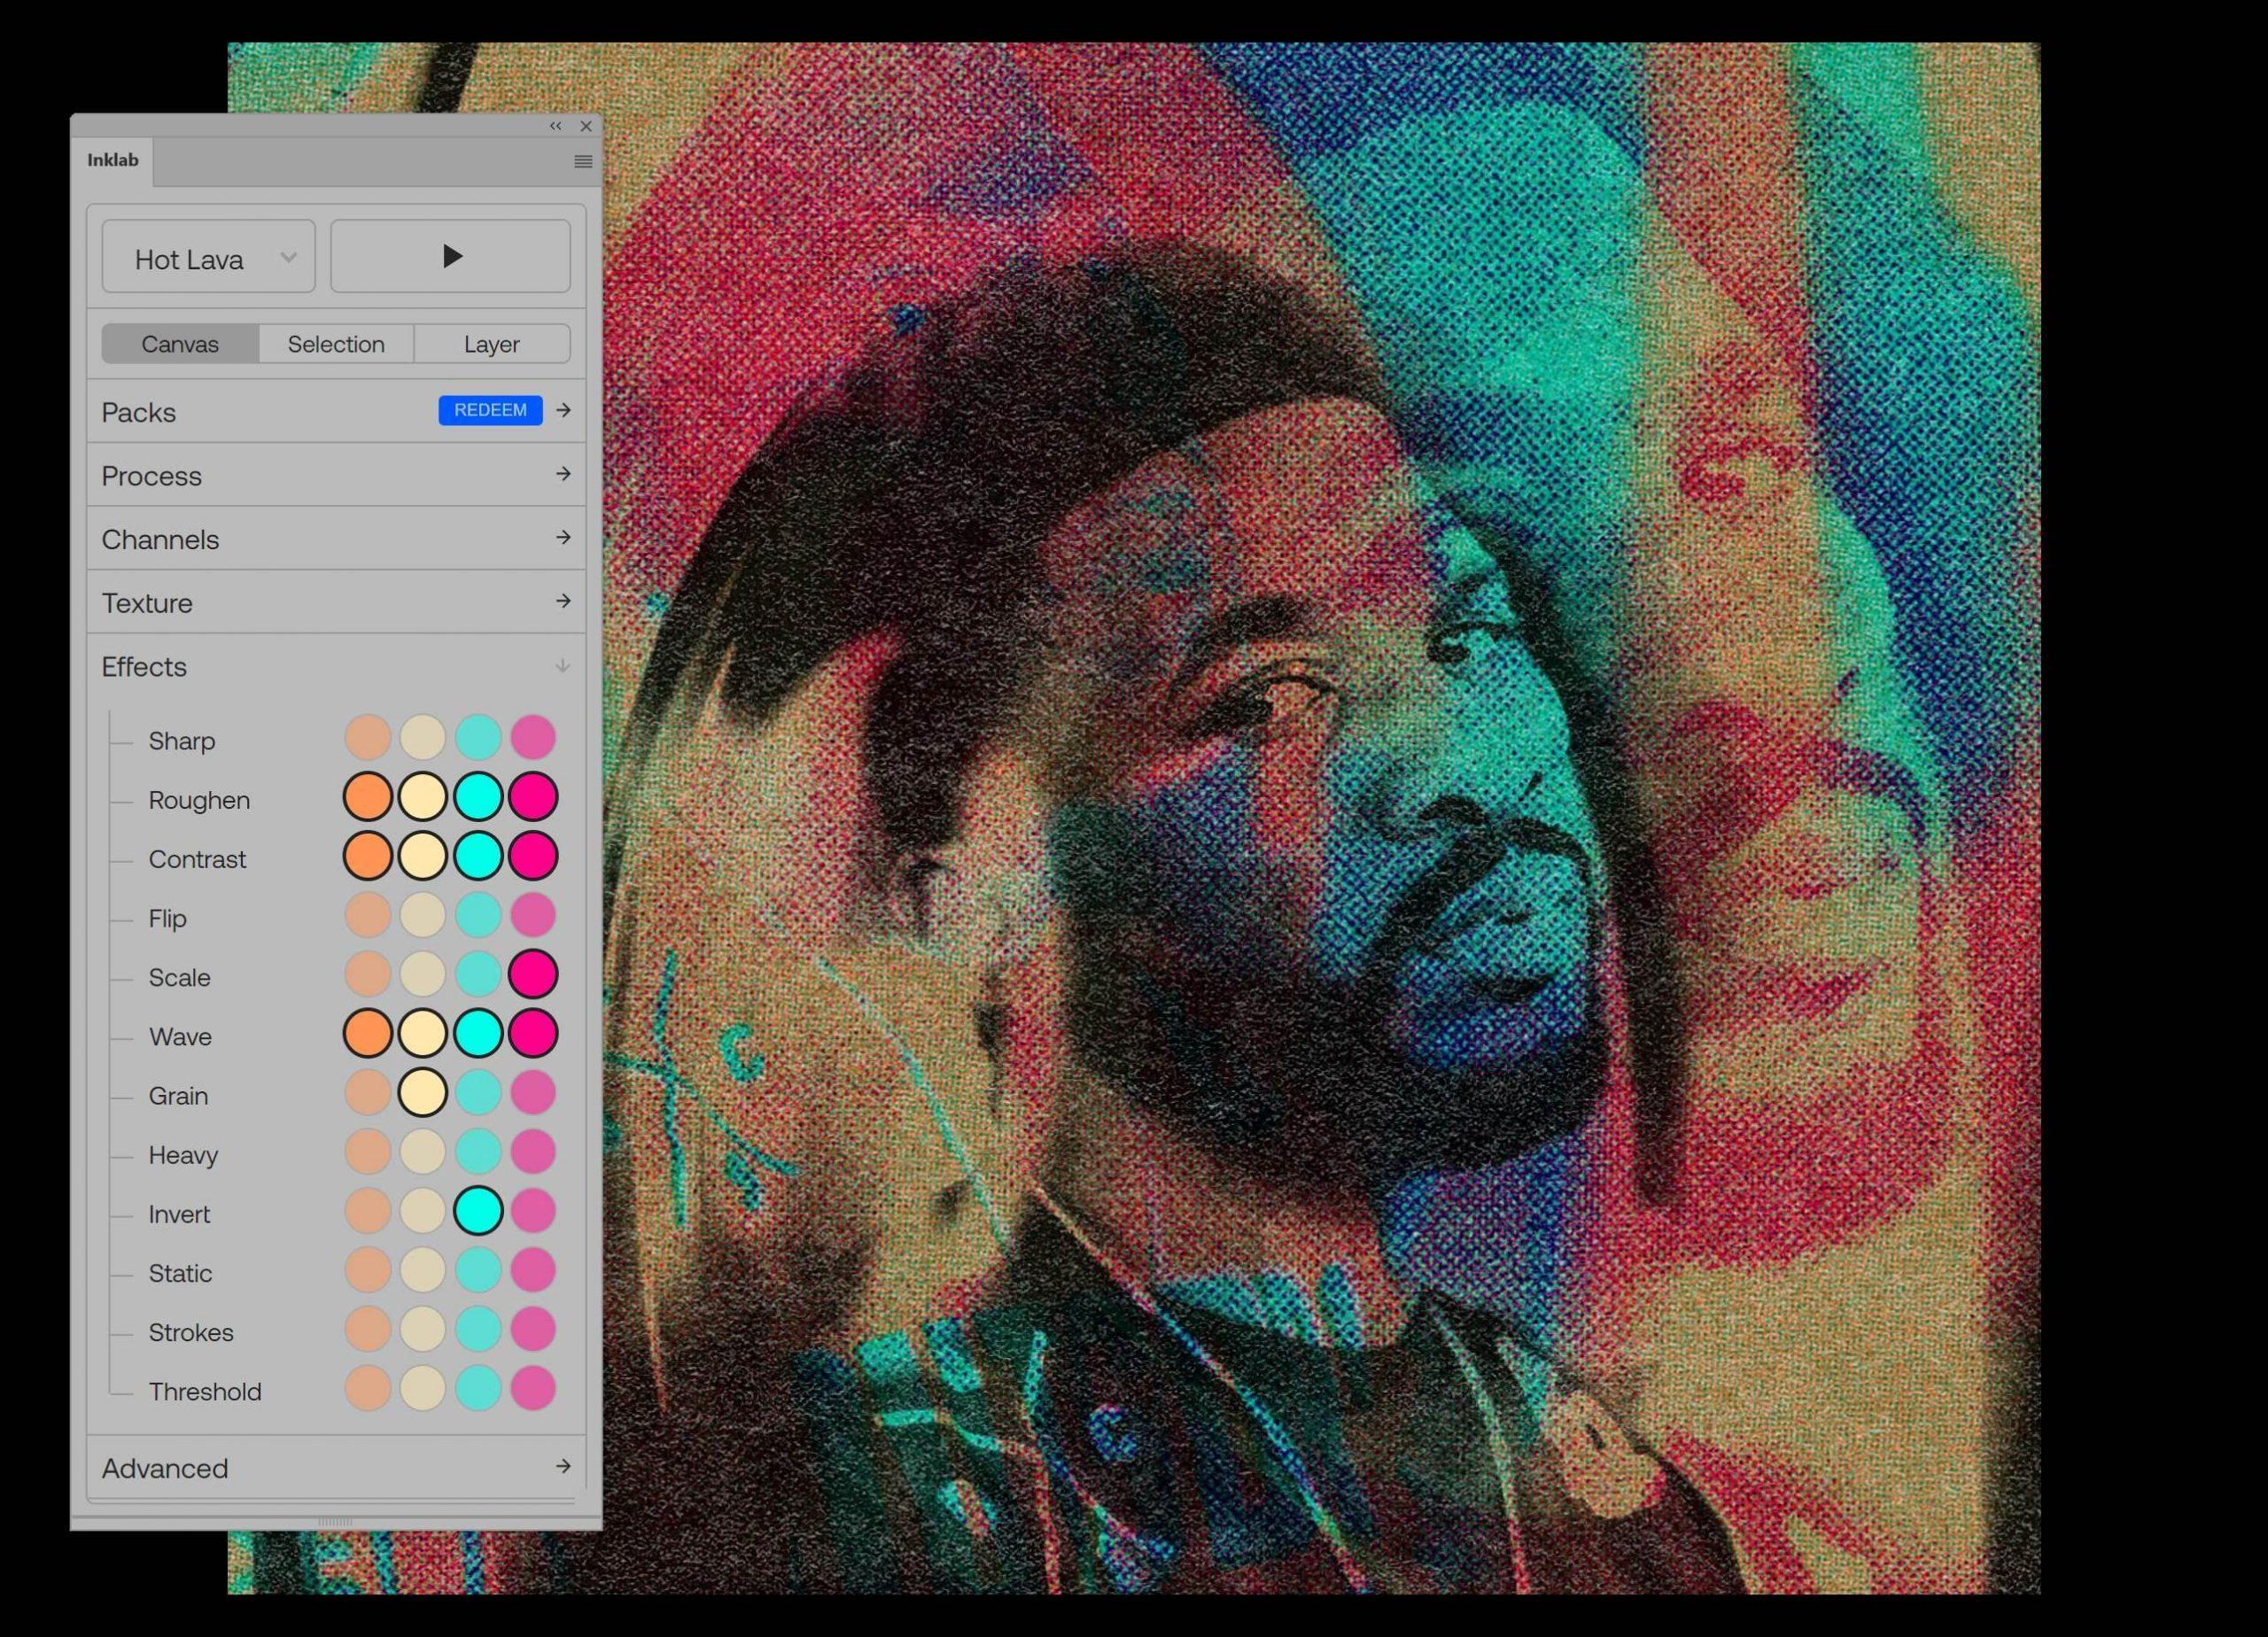 Плъгин създава изображения с ефект на печат